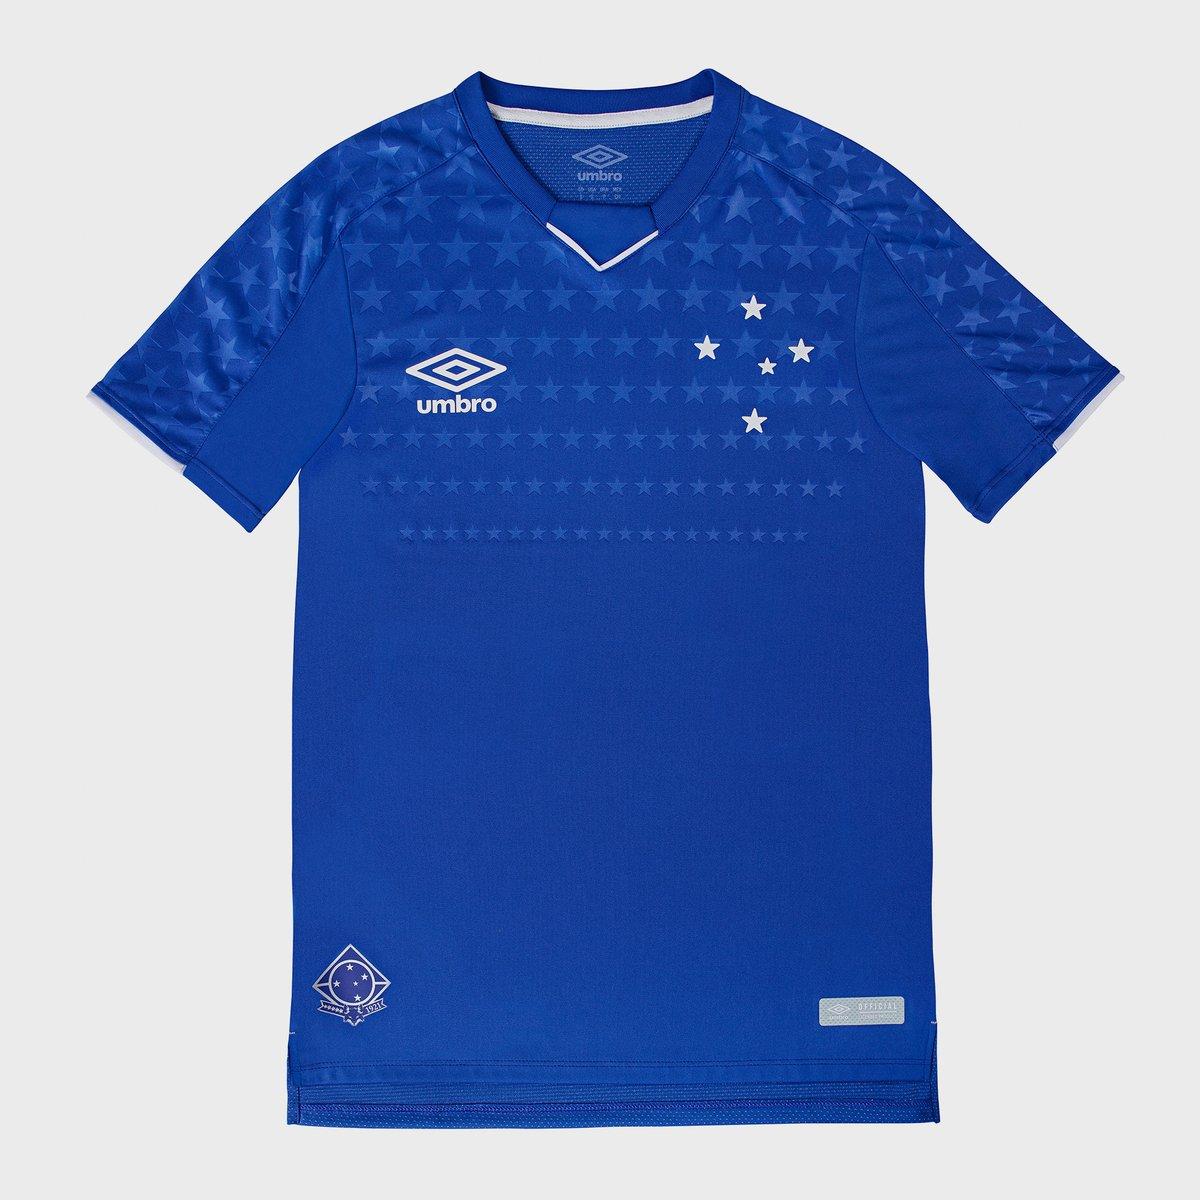 """65358ee6bea83 A nova camisa do Cruzeiro é predominantemente azul e com uma sequência de  estrelas no peito e nas mangas em marca d agua. A gola é em """"V"""" com um  traçado em ..."""